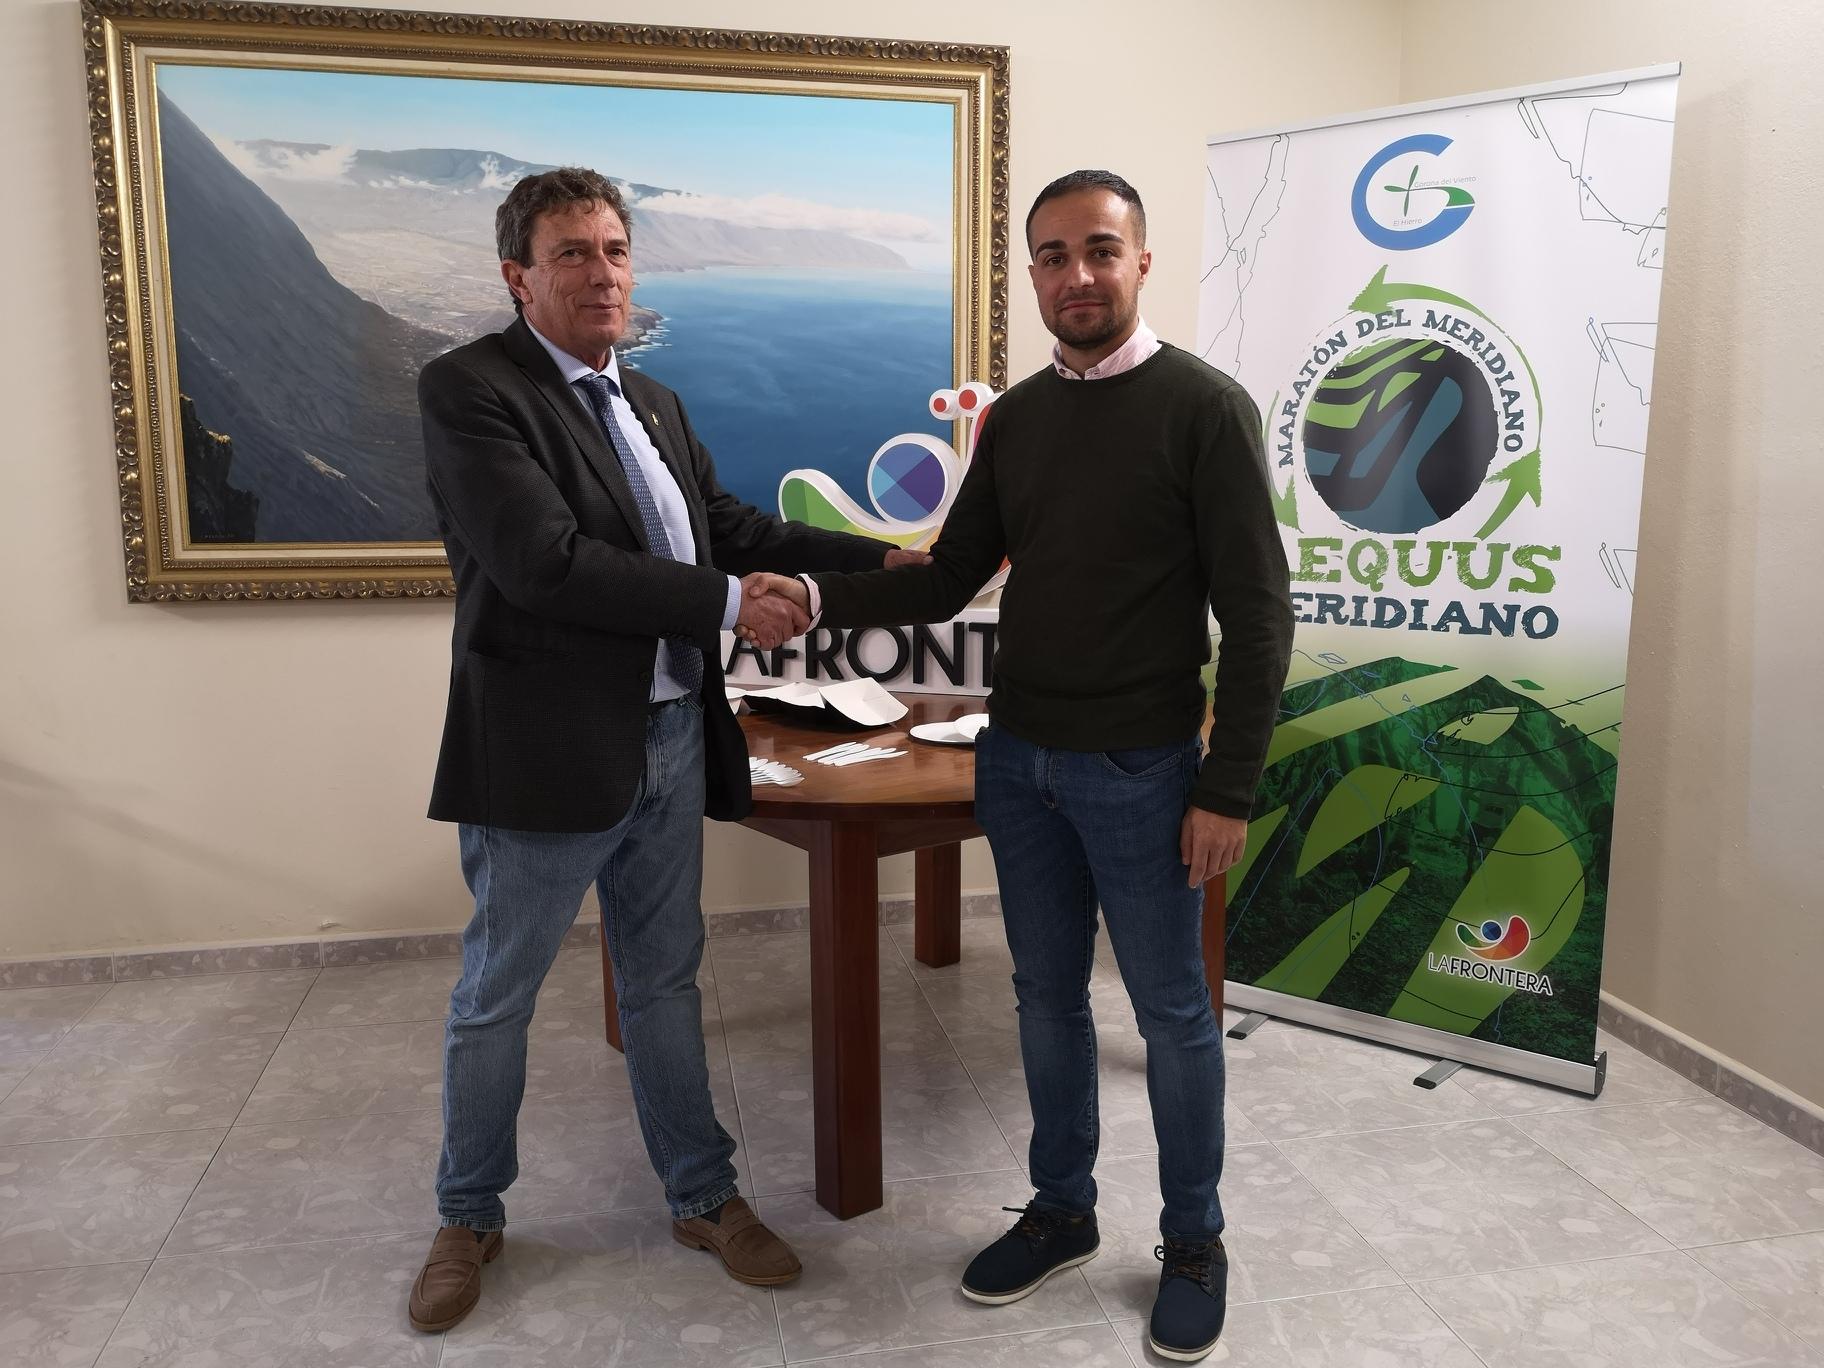 Gorona del Viento impulsa el programa Aequus Meridiano por su compromiso medioambiental